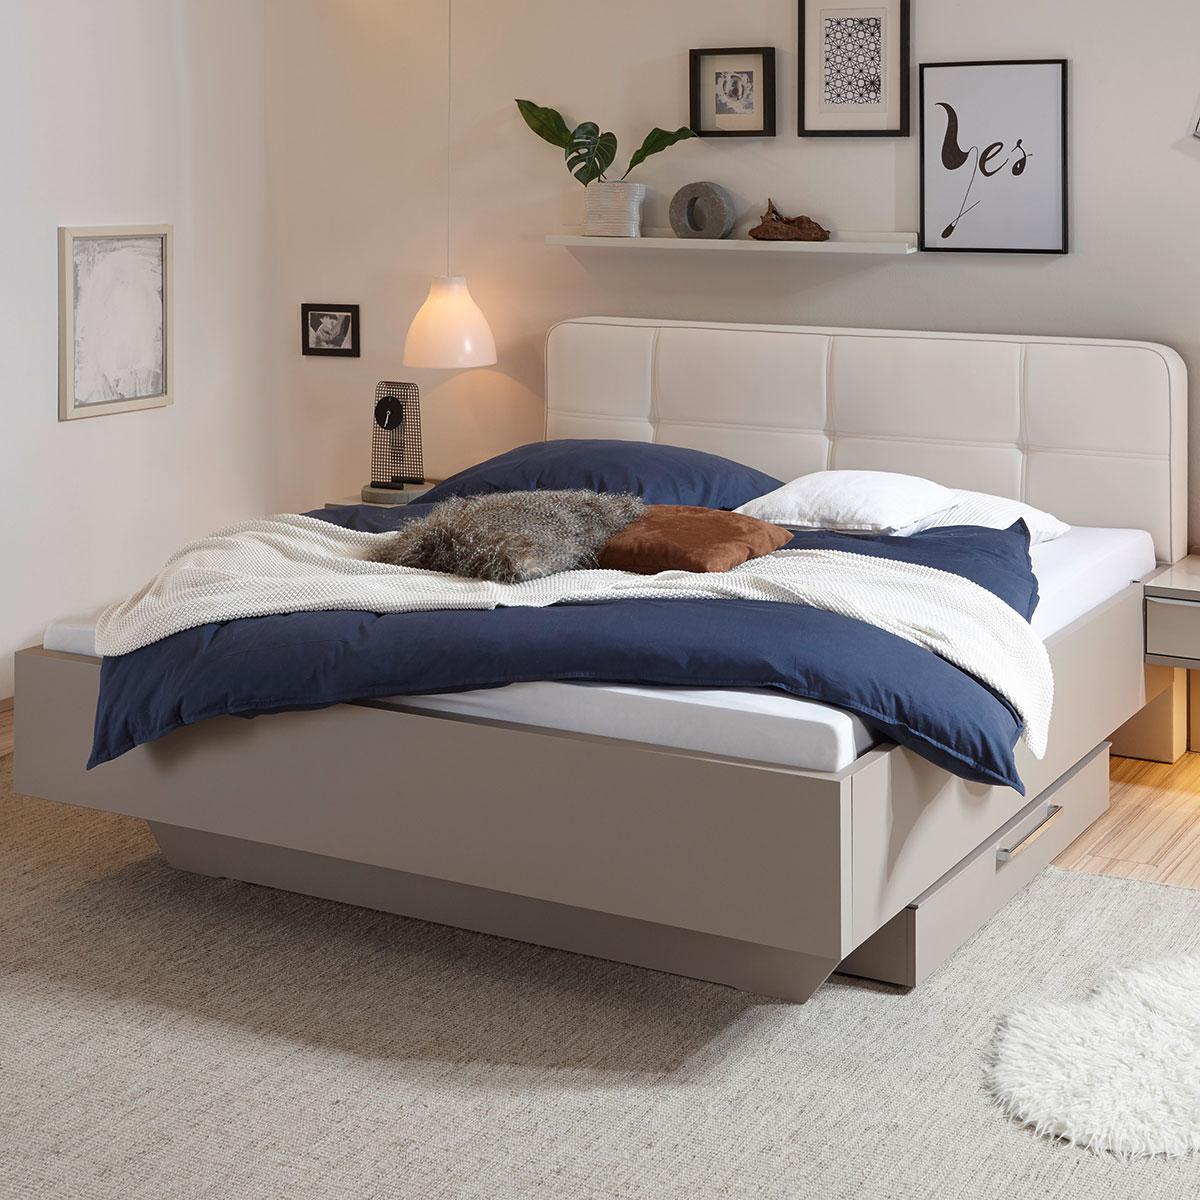 Top matratzen kaufen flamme for Bett 3 matratzen